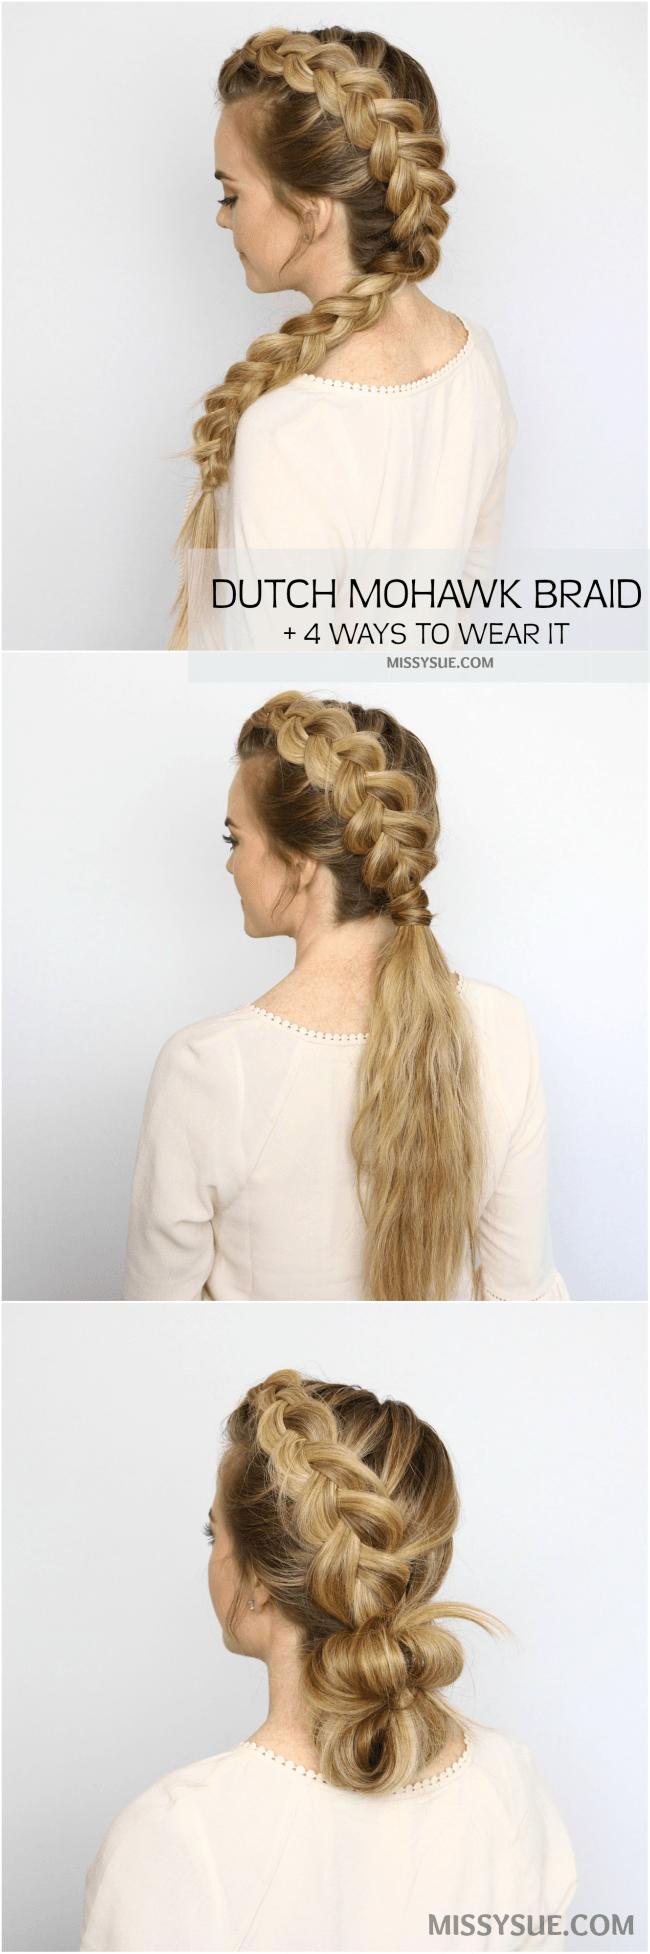 Mohawk peinados trenza holandesa dutch braids braid hairstyles